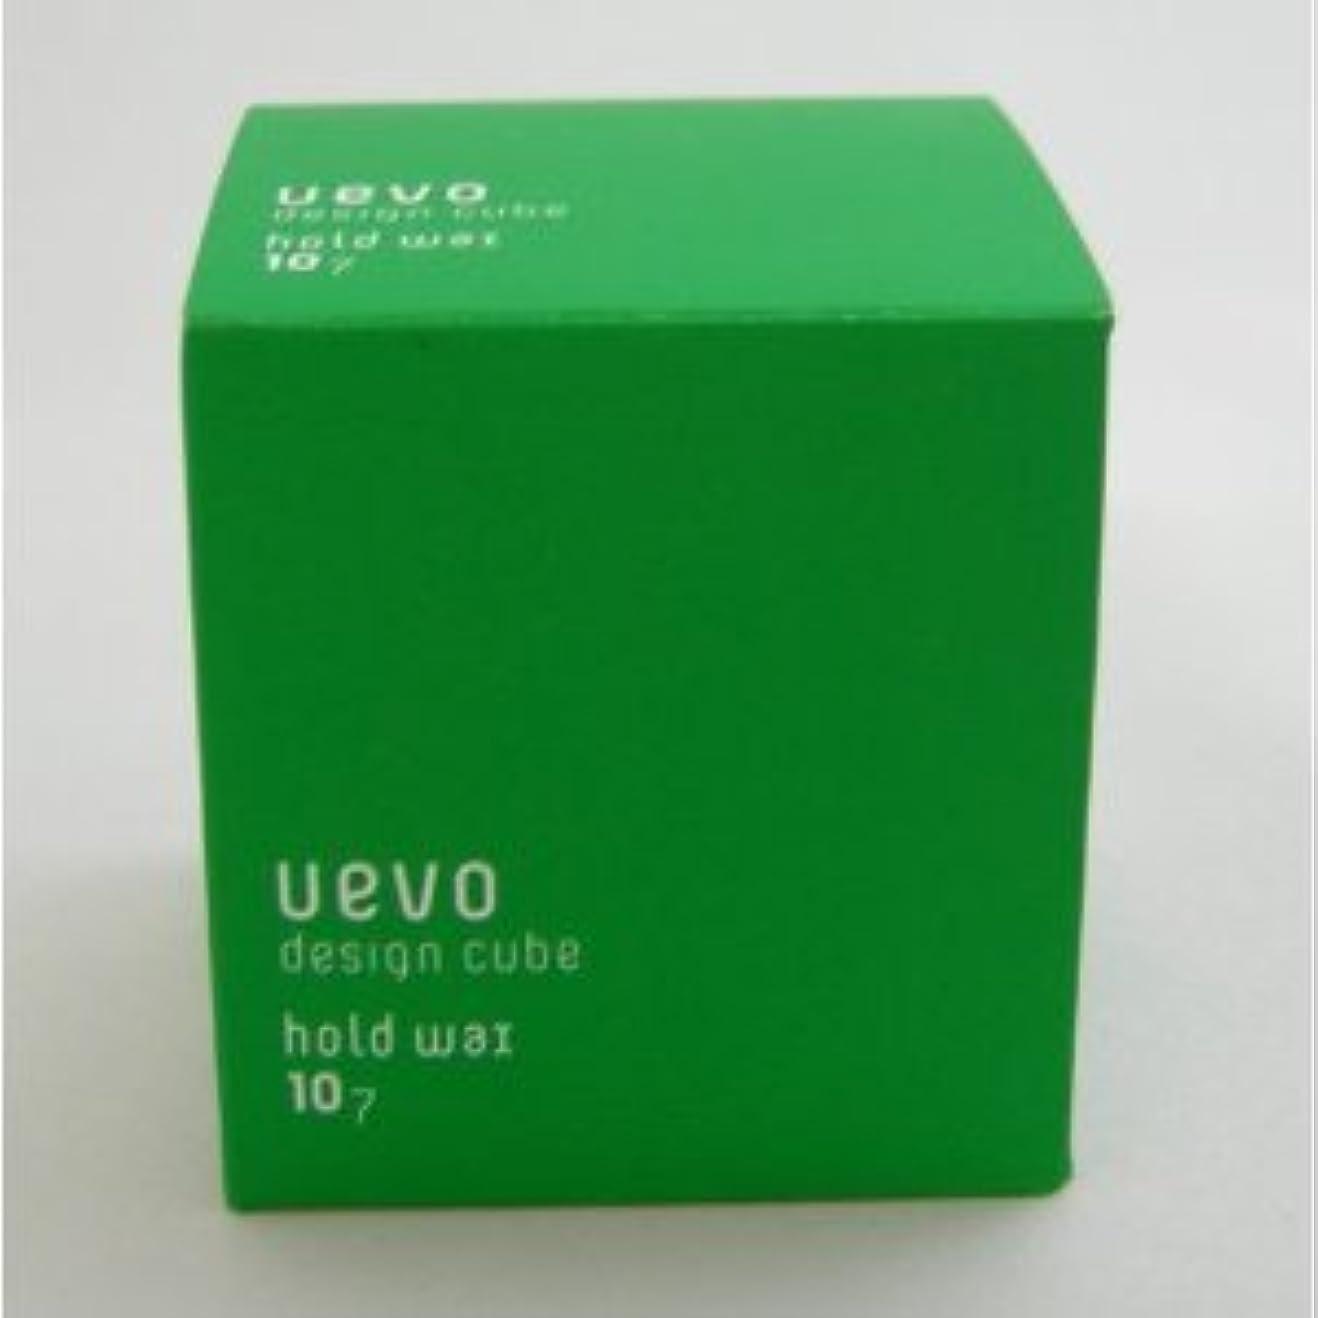 クラックポット突然の結論【X3個セット】 デミ ウェーボ デザインキューブ ホールドワックス 80g hold wax